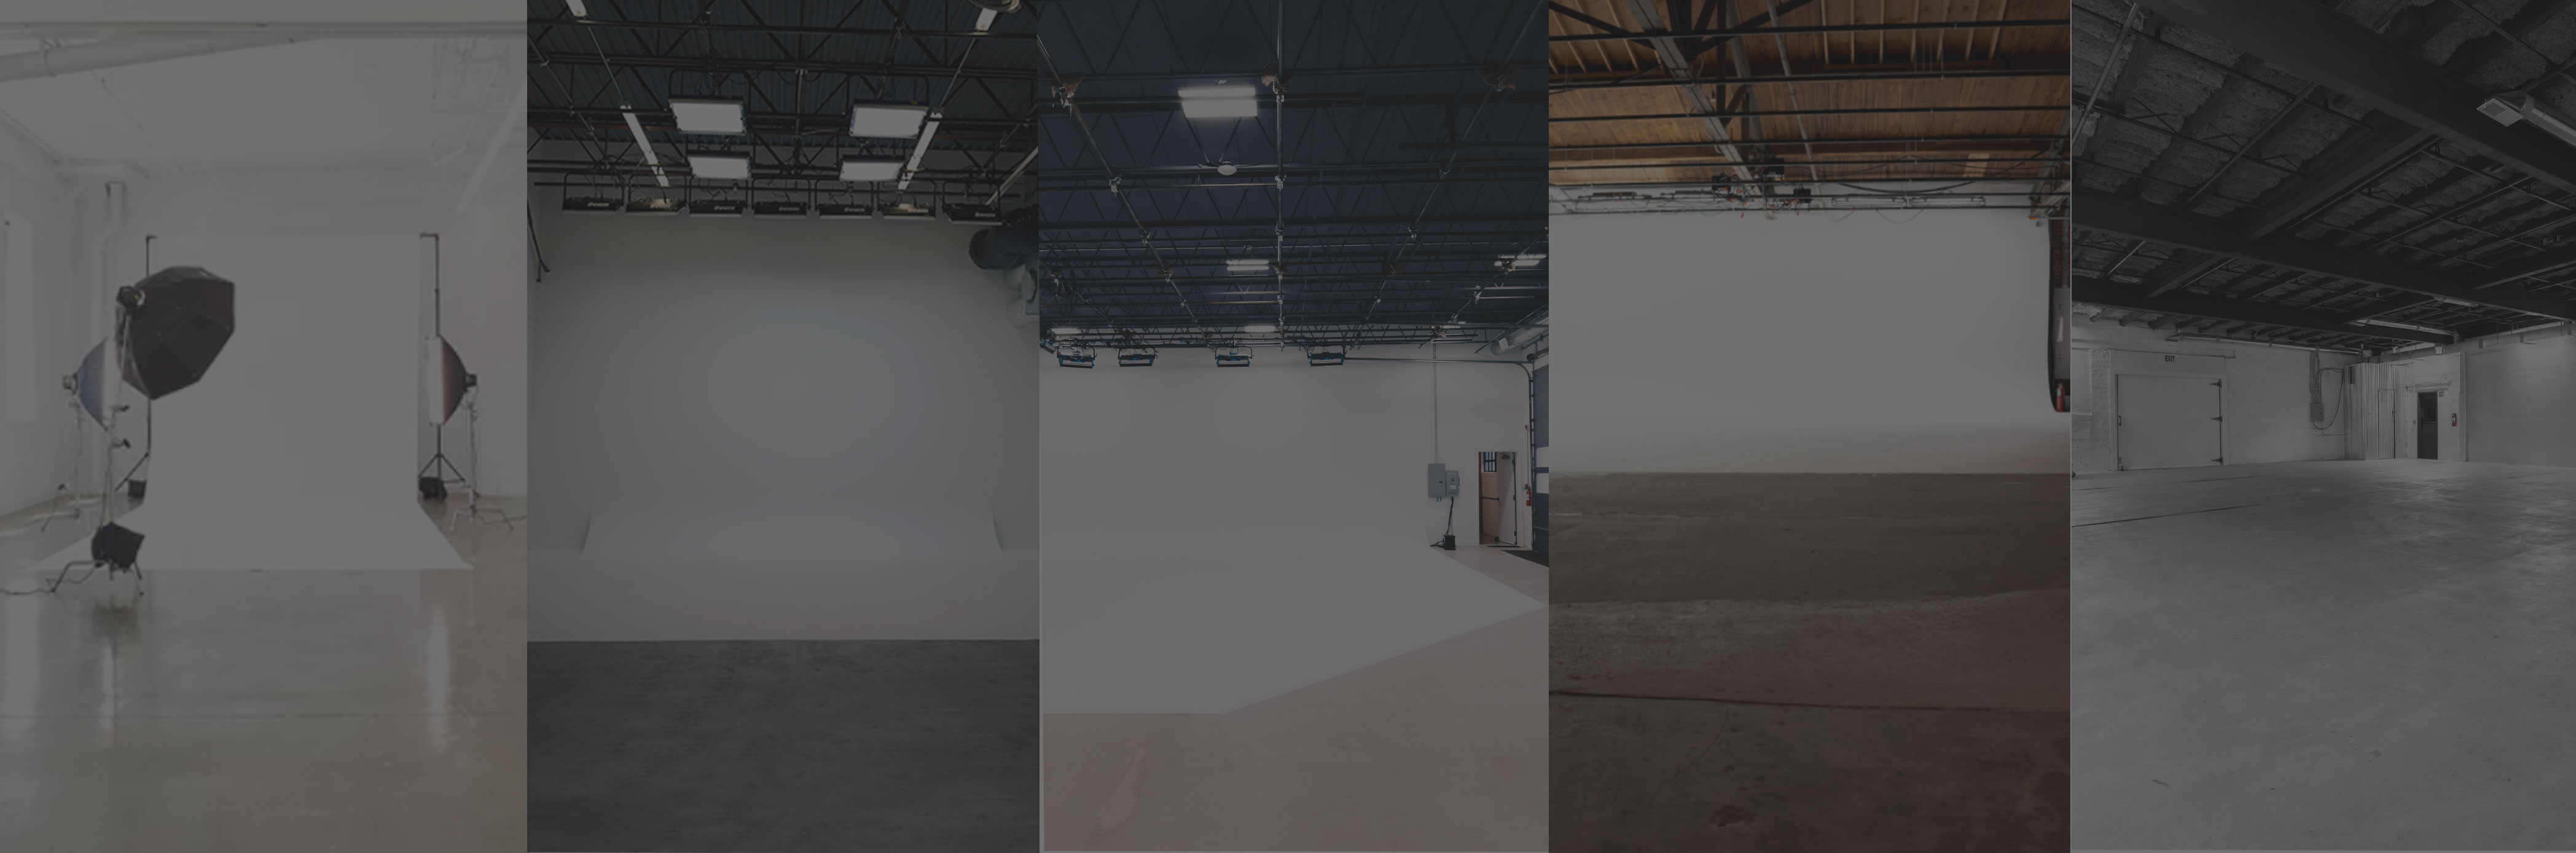 Expressway Studio Builds